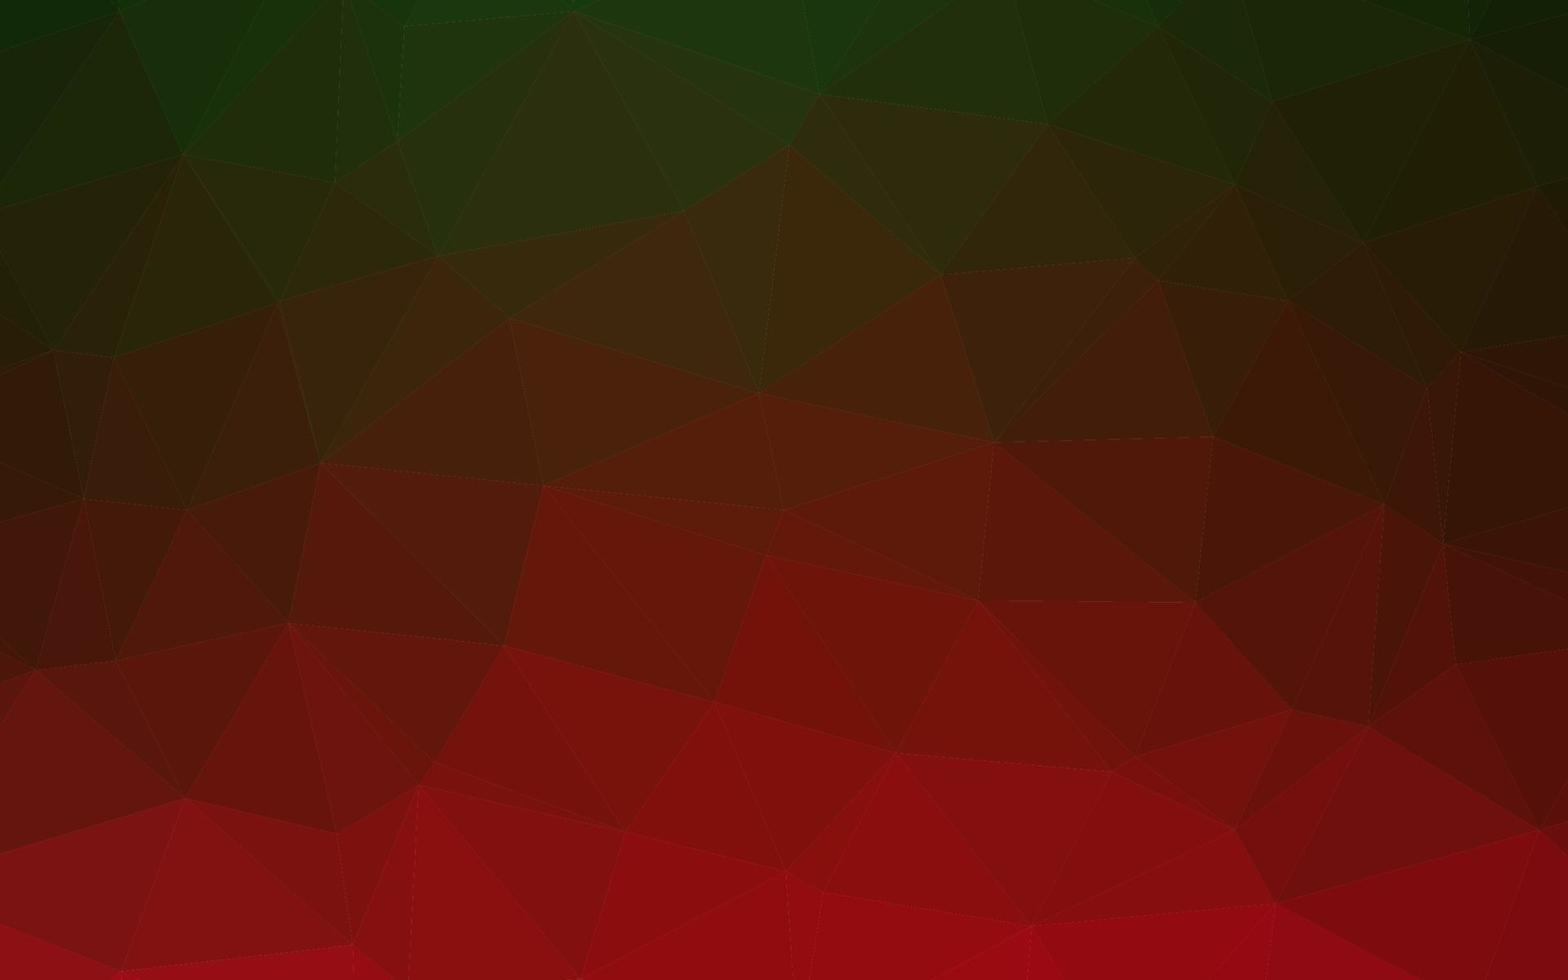 capa de poli baixa de vetor verde claro e vermelho.